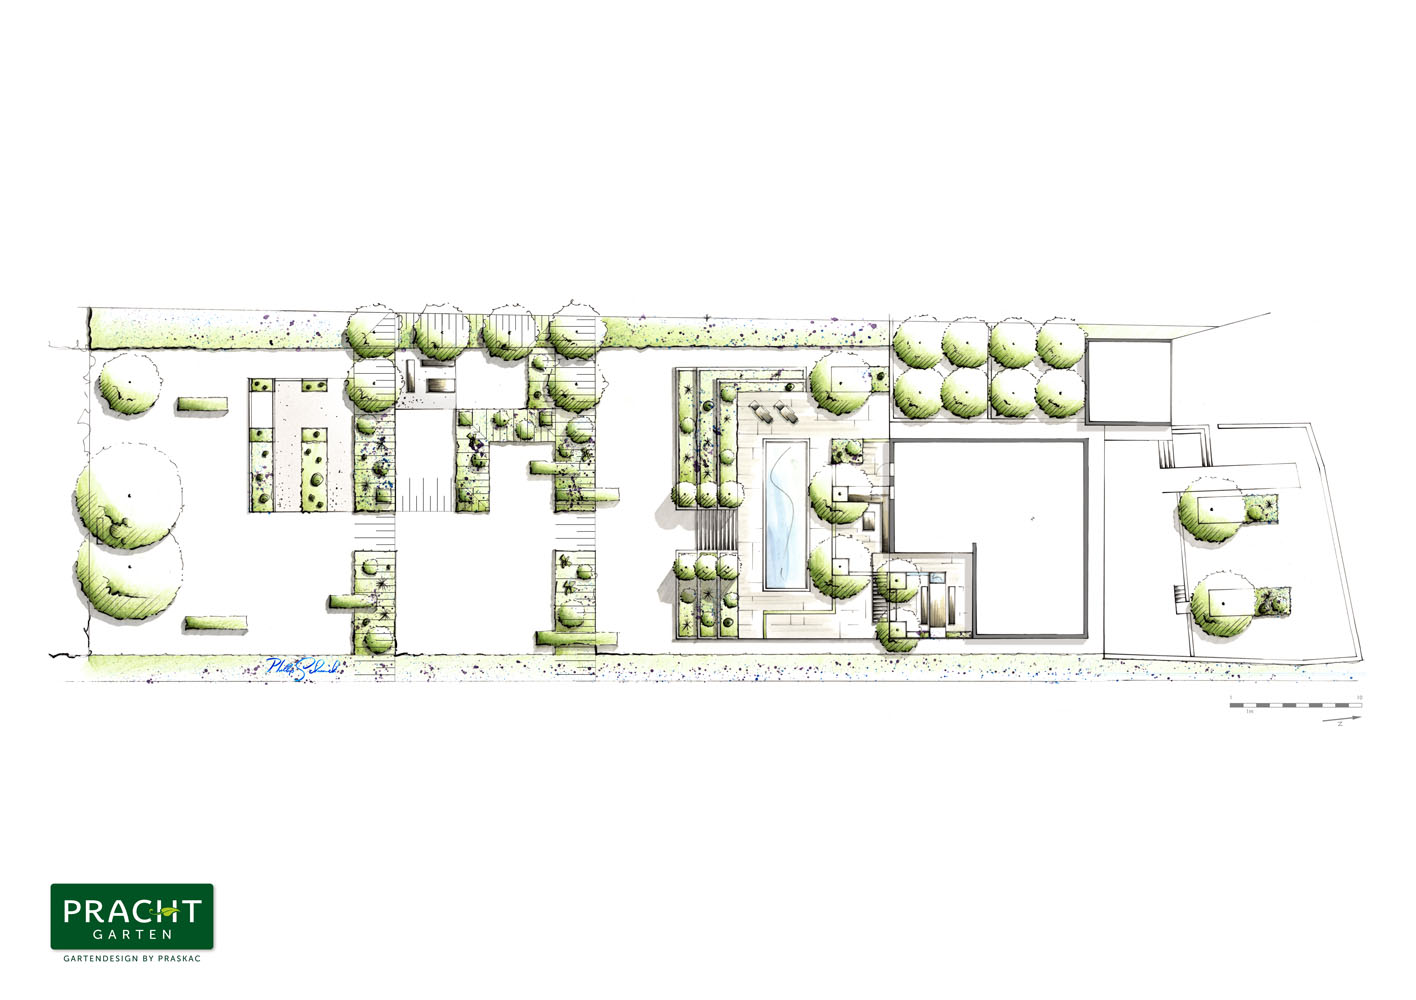 Ein Prachtgarten für moderne Architektur